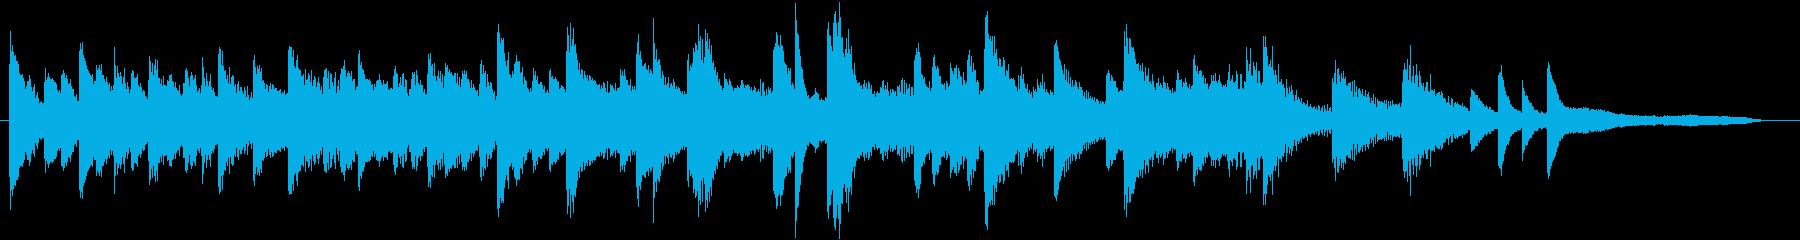 もろびとこぞりてモチーフピアノジングルBの再生済みの波形